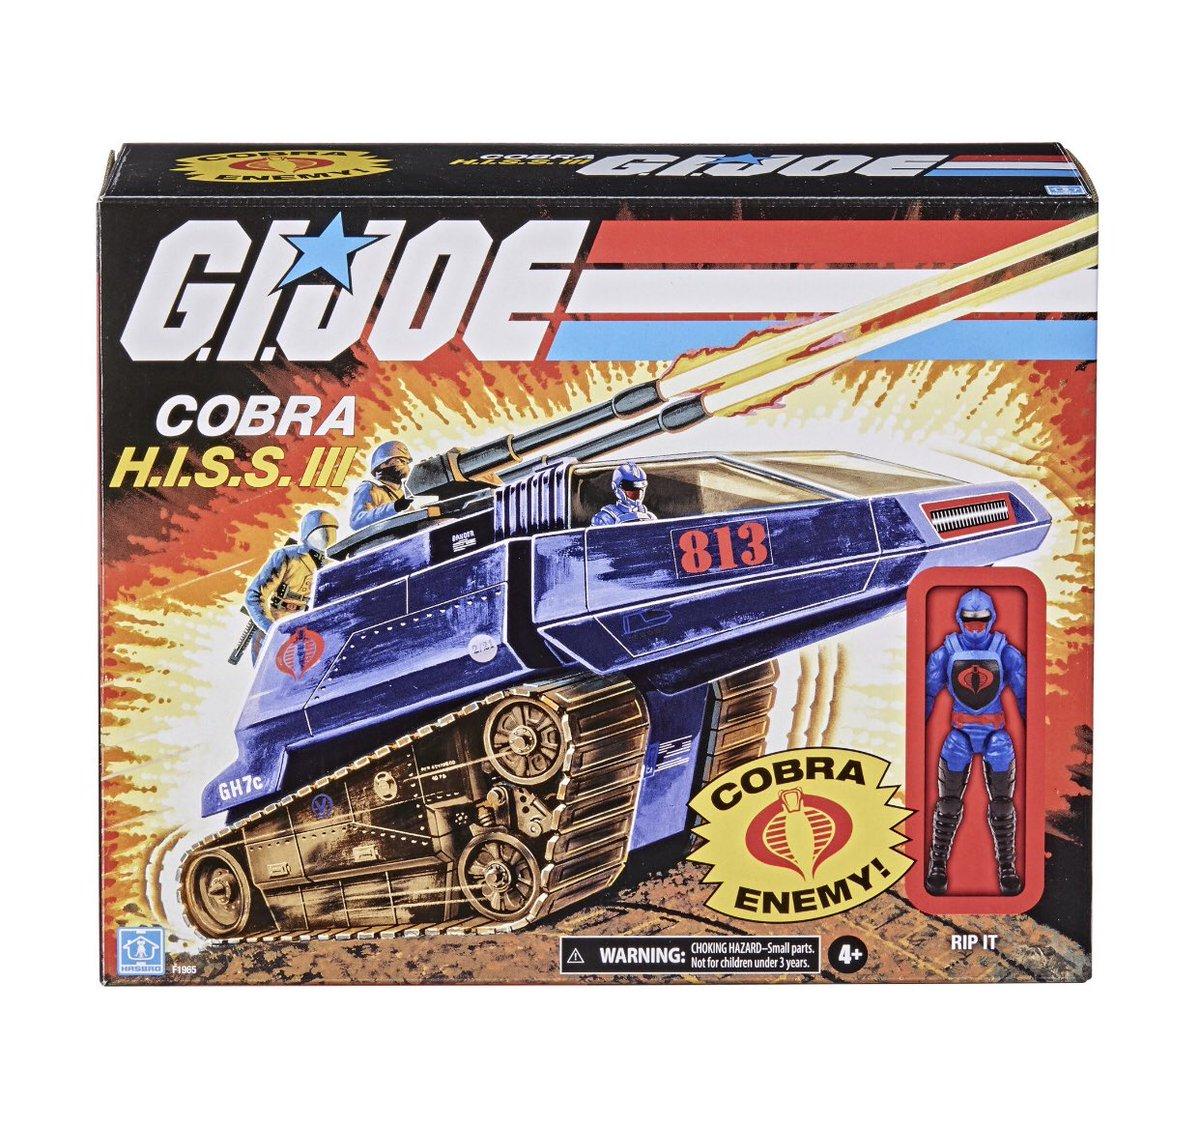 Hasbro GI Joe Cobra Officer, Graves & Hiss Tank Pre-Orders At Wal-Mart